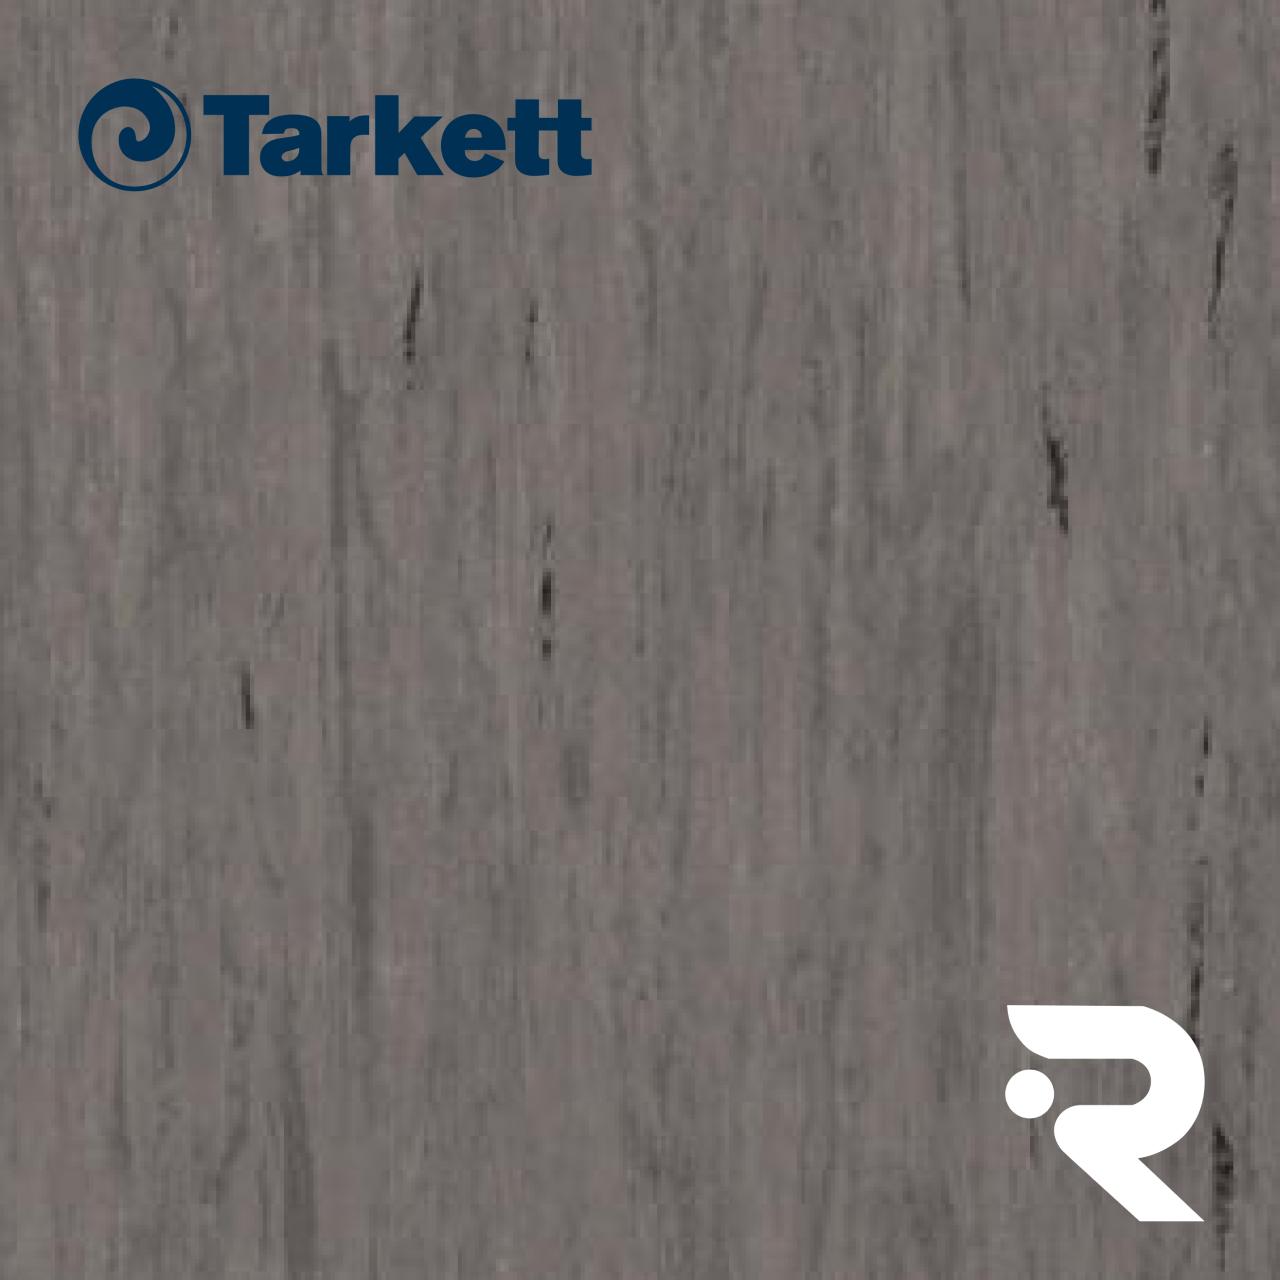 🏫 Гомогенний лінолеум Tarkett | Standard BROWN GREY 0496 | Standard Plus 2.0 mm | 2 х 23 м